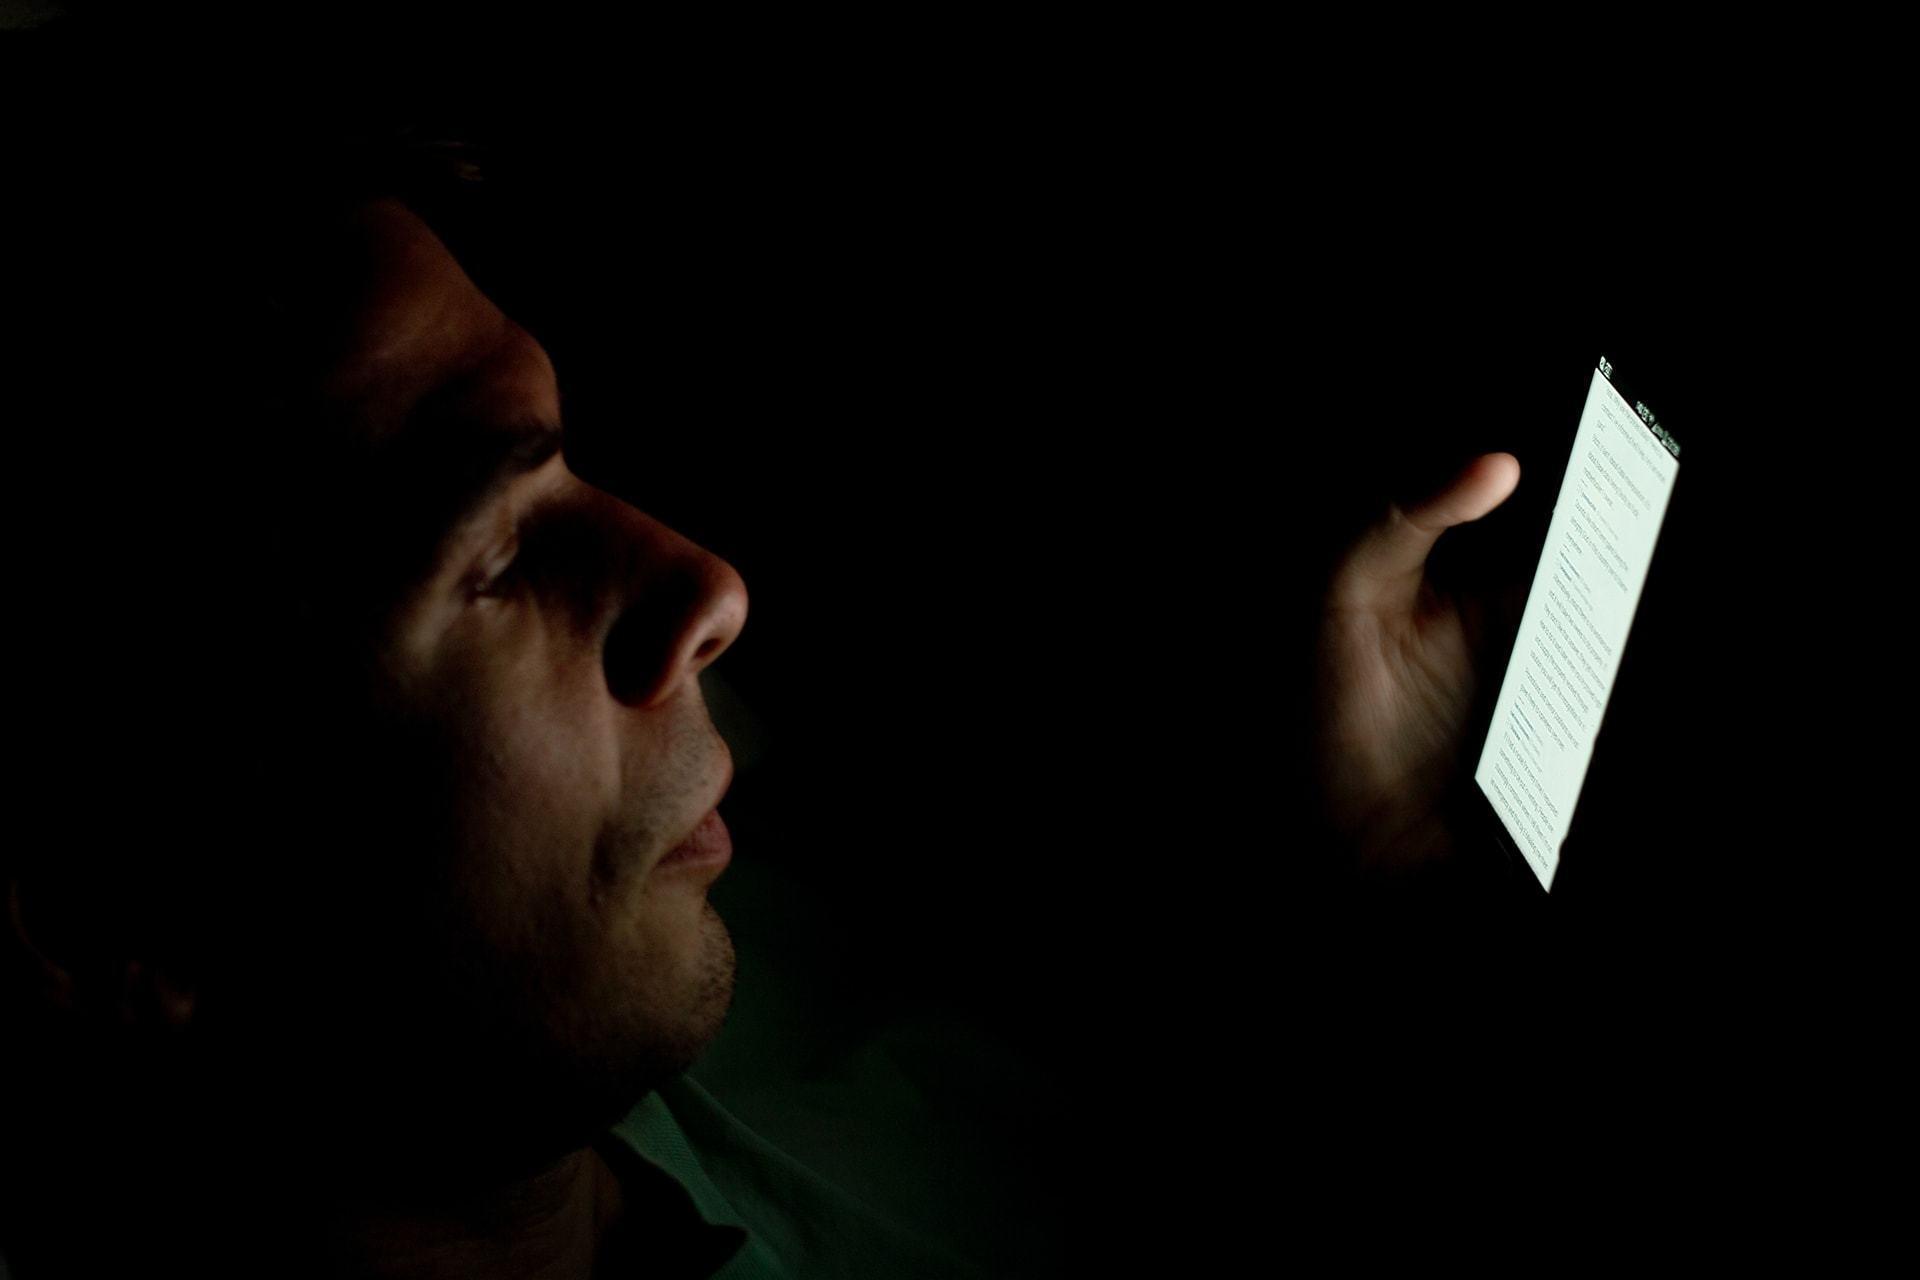 Homem com o rosto parcialmente iluminado mexendo no celular no escuro.